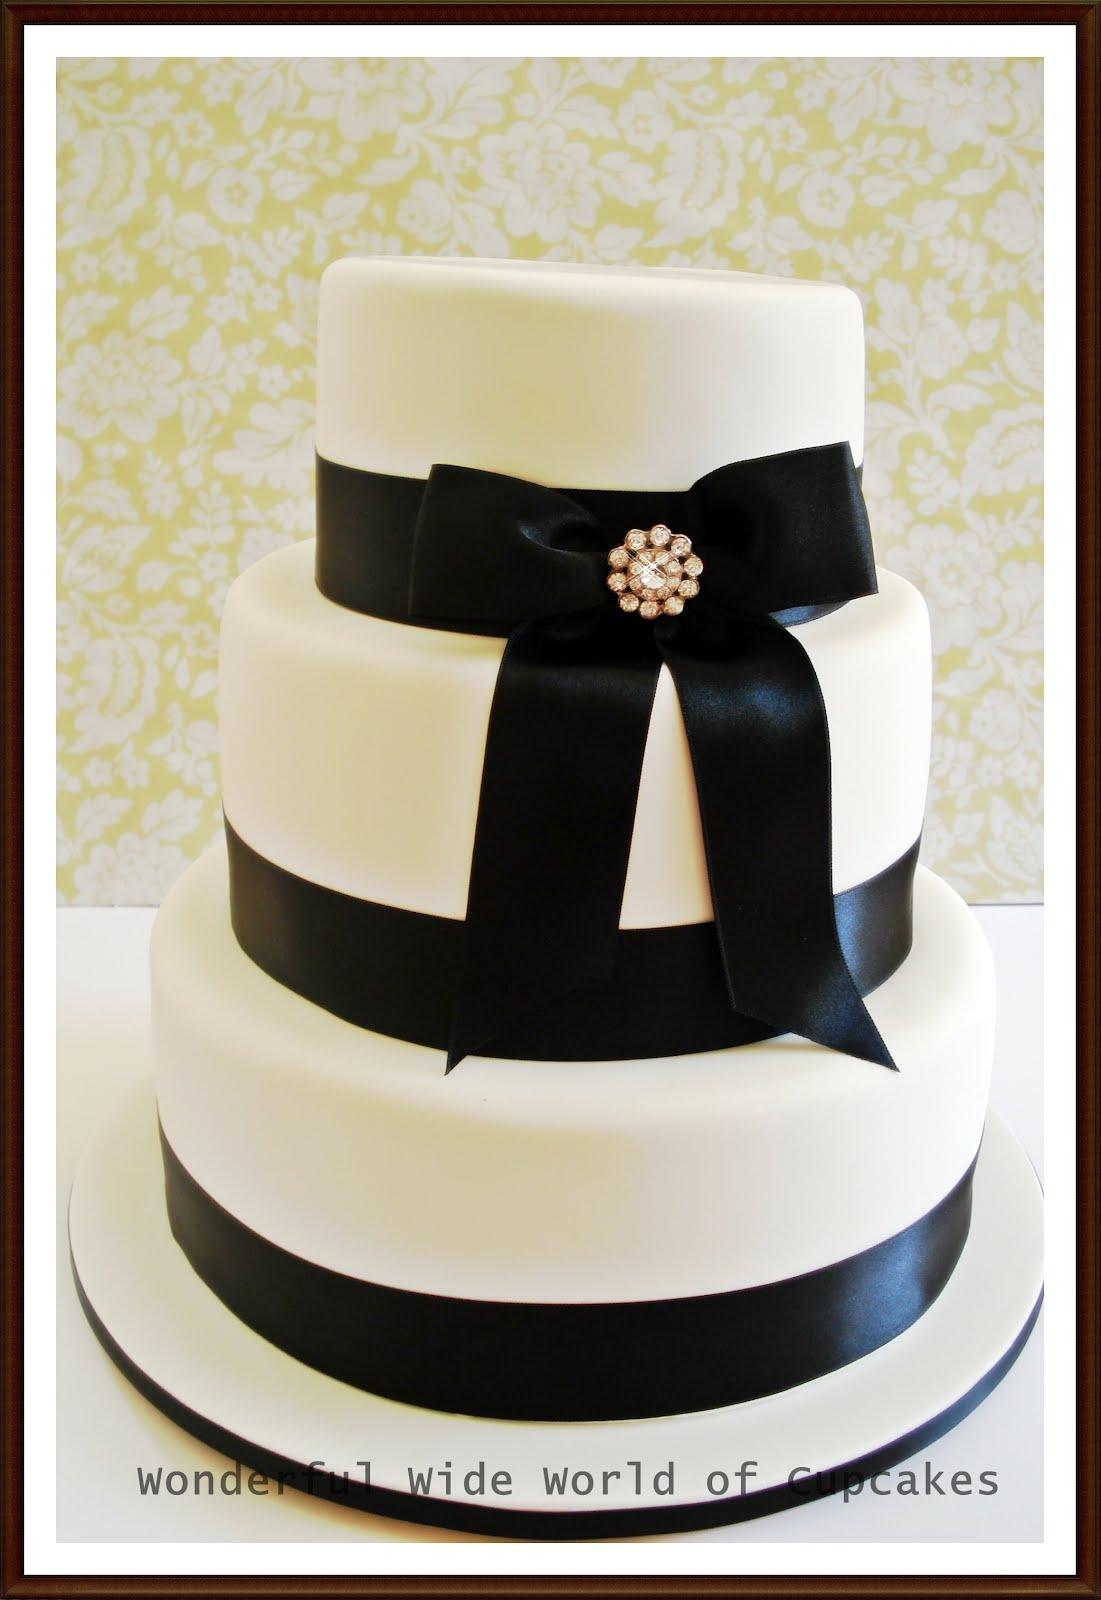 Wonderful World of Cupcakes: Black and White Wedding Cake